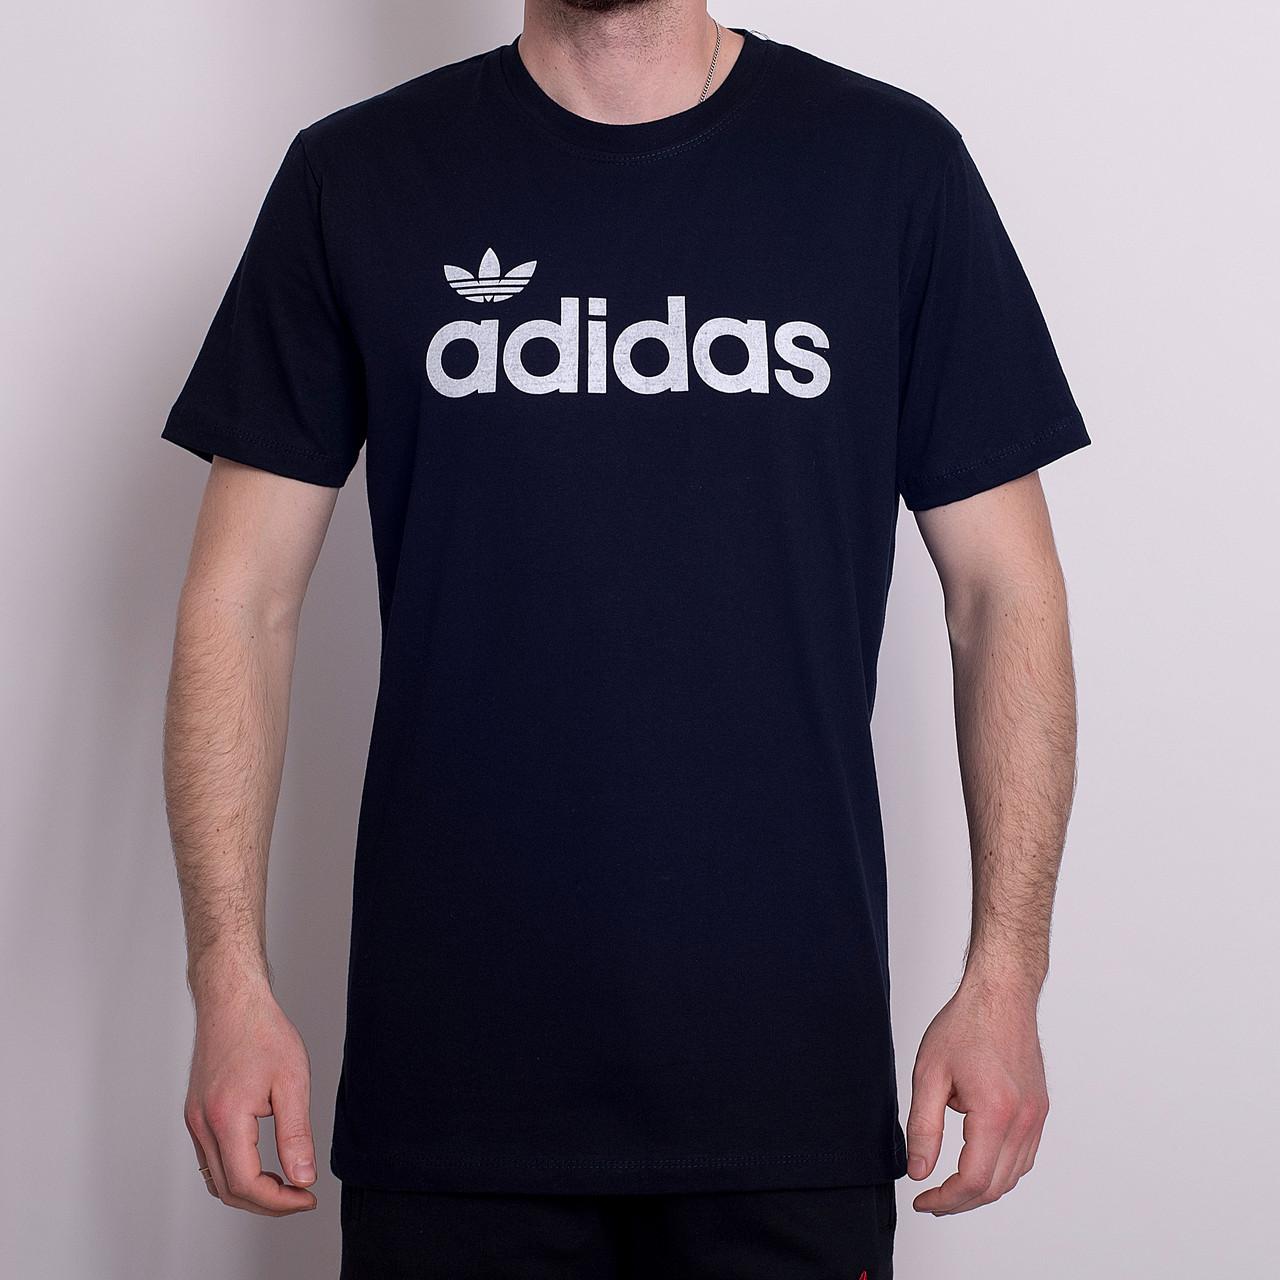 Чоловіча спортивна футболка Adidas, темно-синього кольору